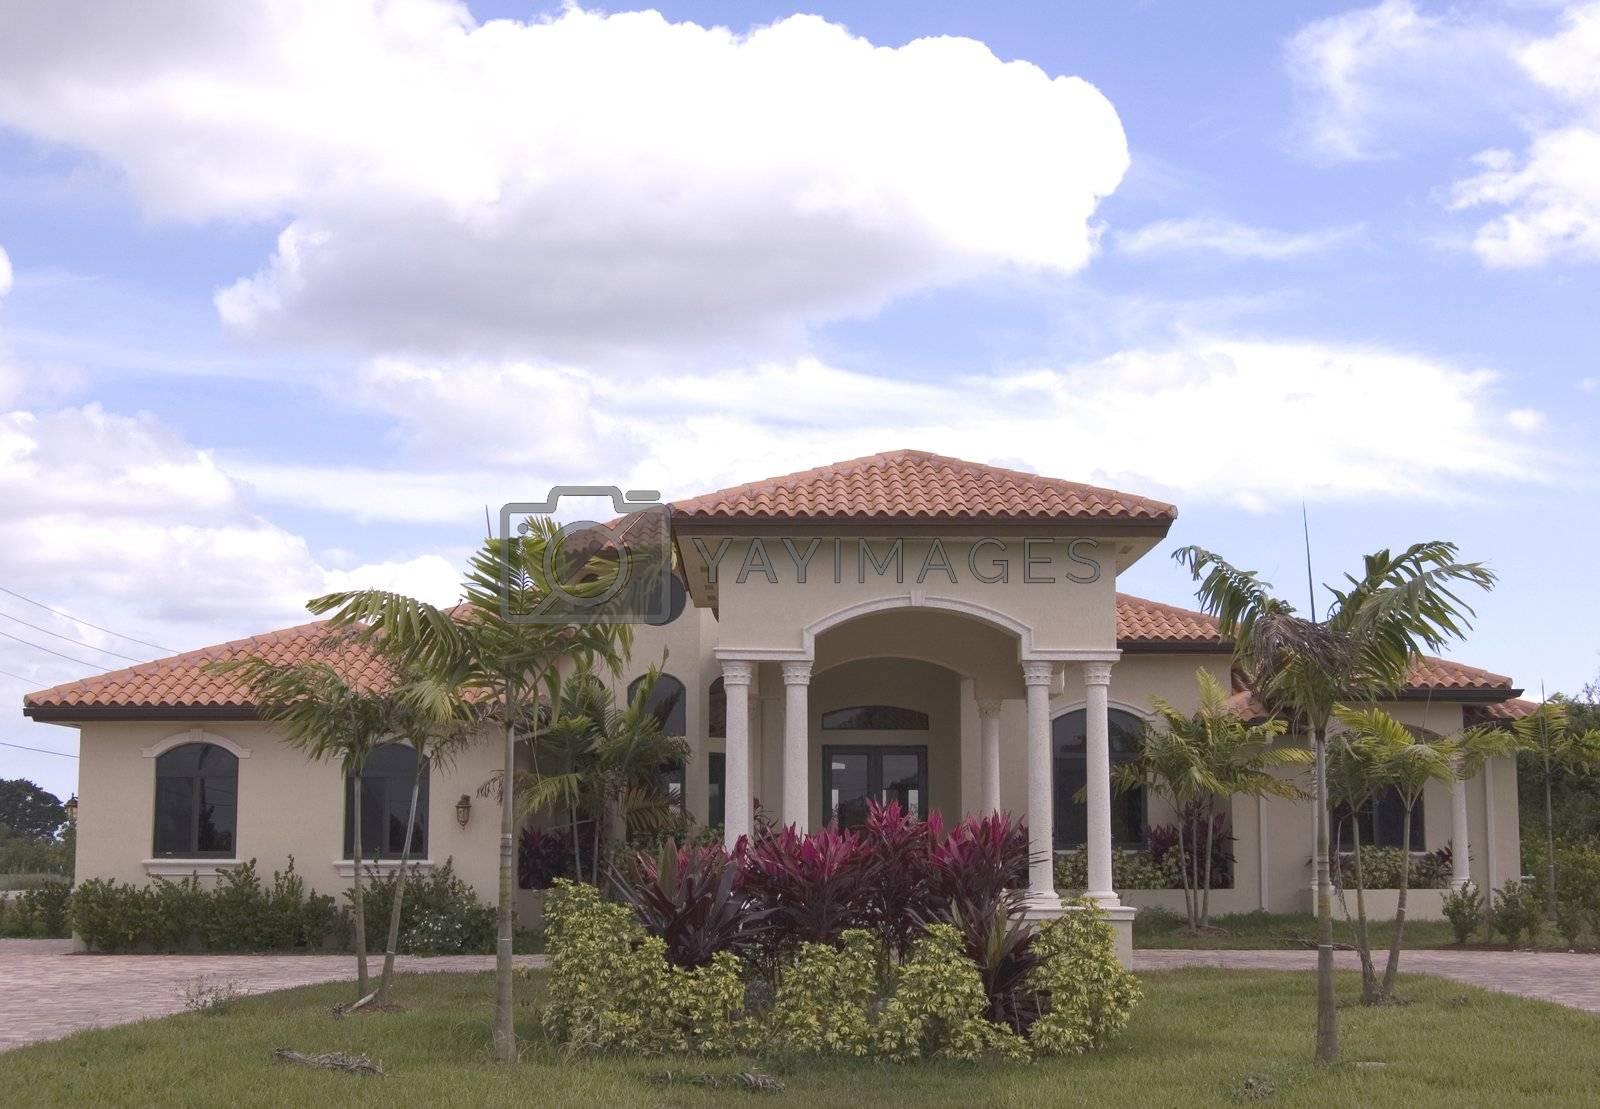 luxury mediterranean style house in miami florida